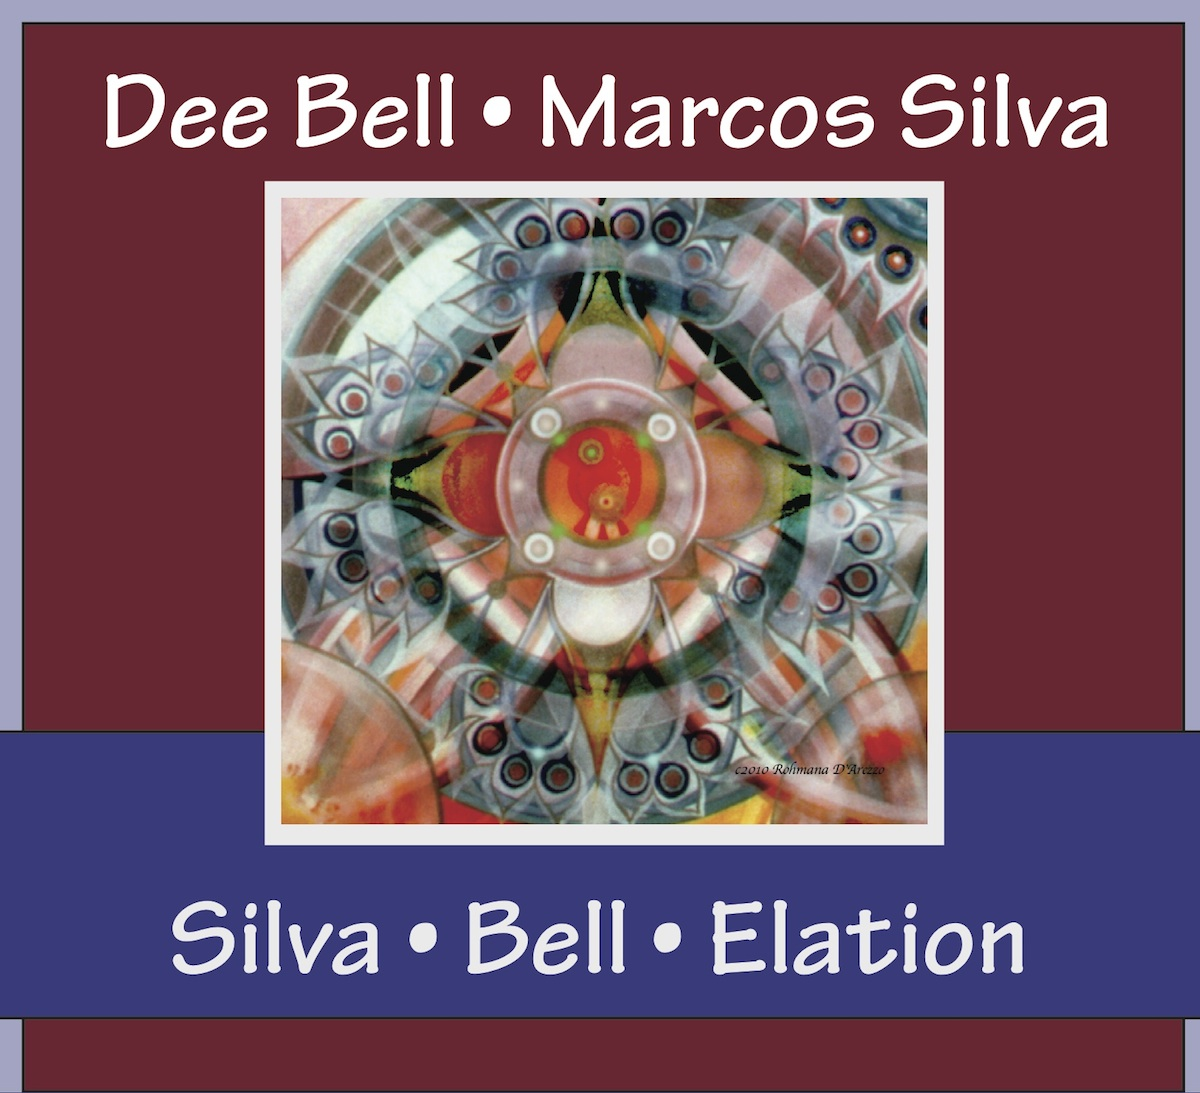 Dee Bell - Silva.Bell.Elation